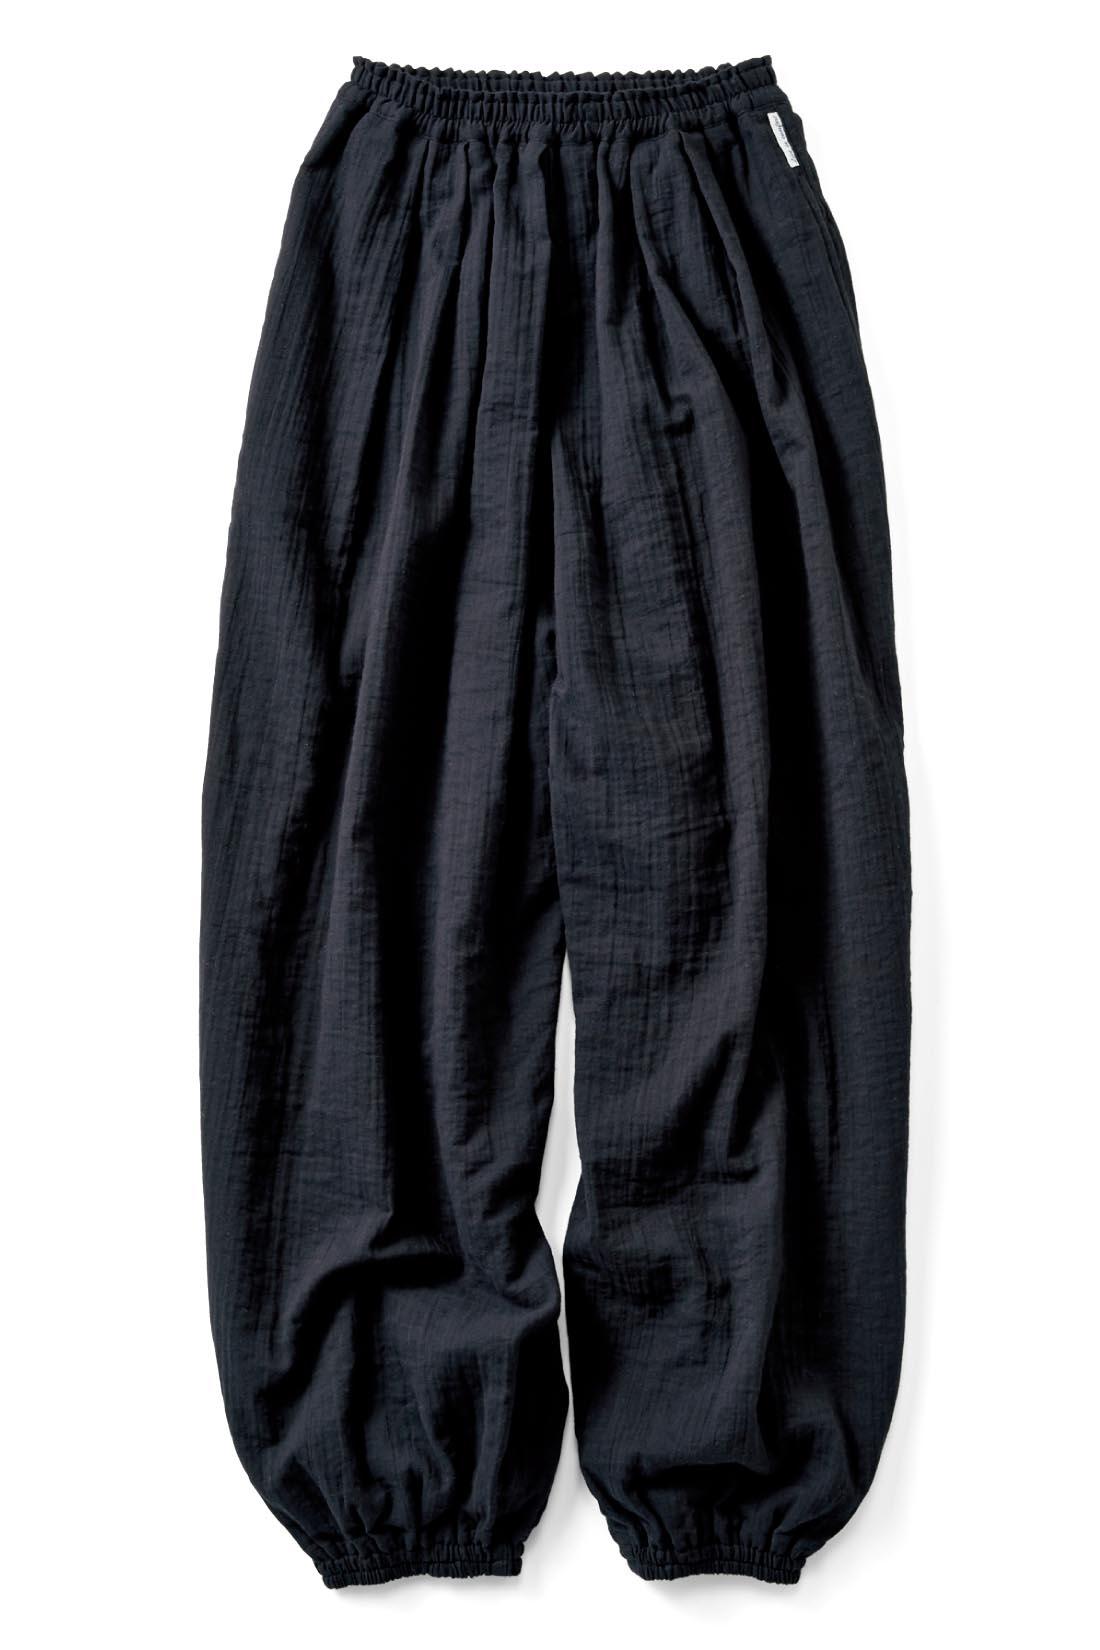 ほんのりモードな【ブラック】 すそのゴムは、ほどよいフィット感でやさしい肌当たり。 ウエスト総ゴムのリラックス仕様に、サイドポケットのタグもおしゃれ。